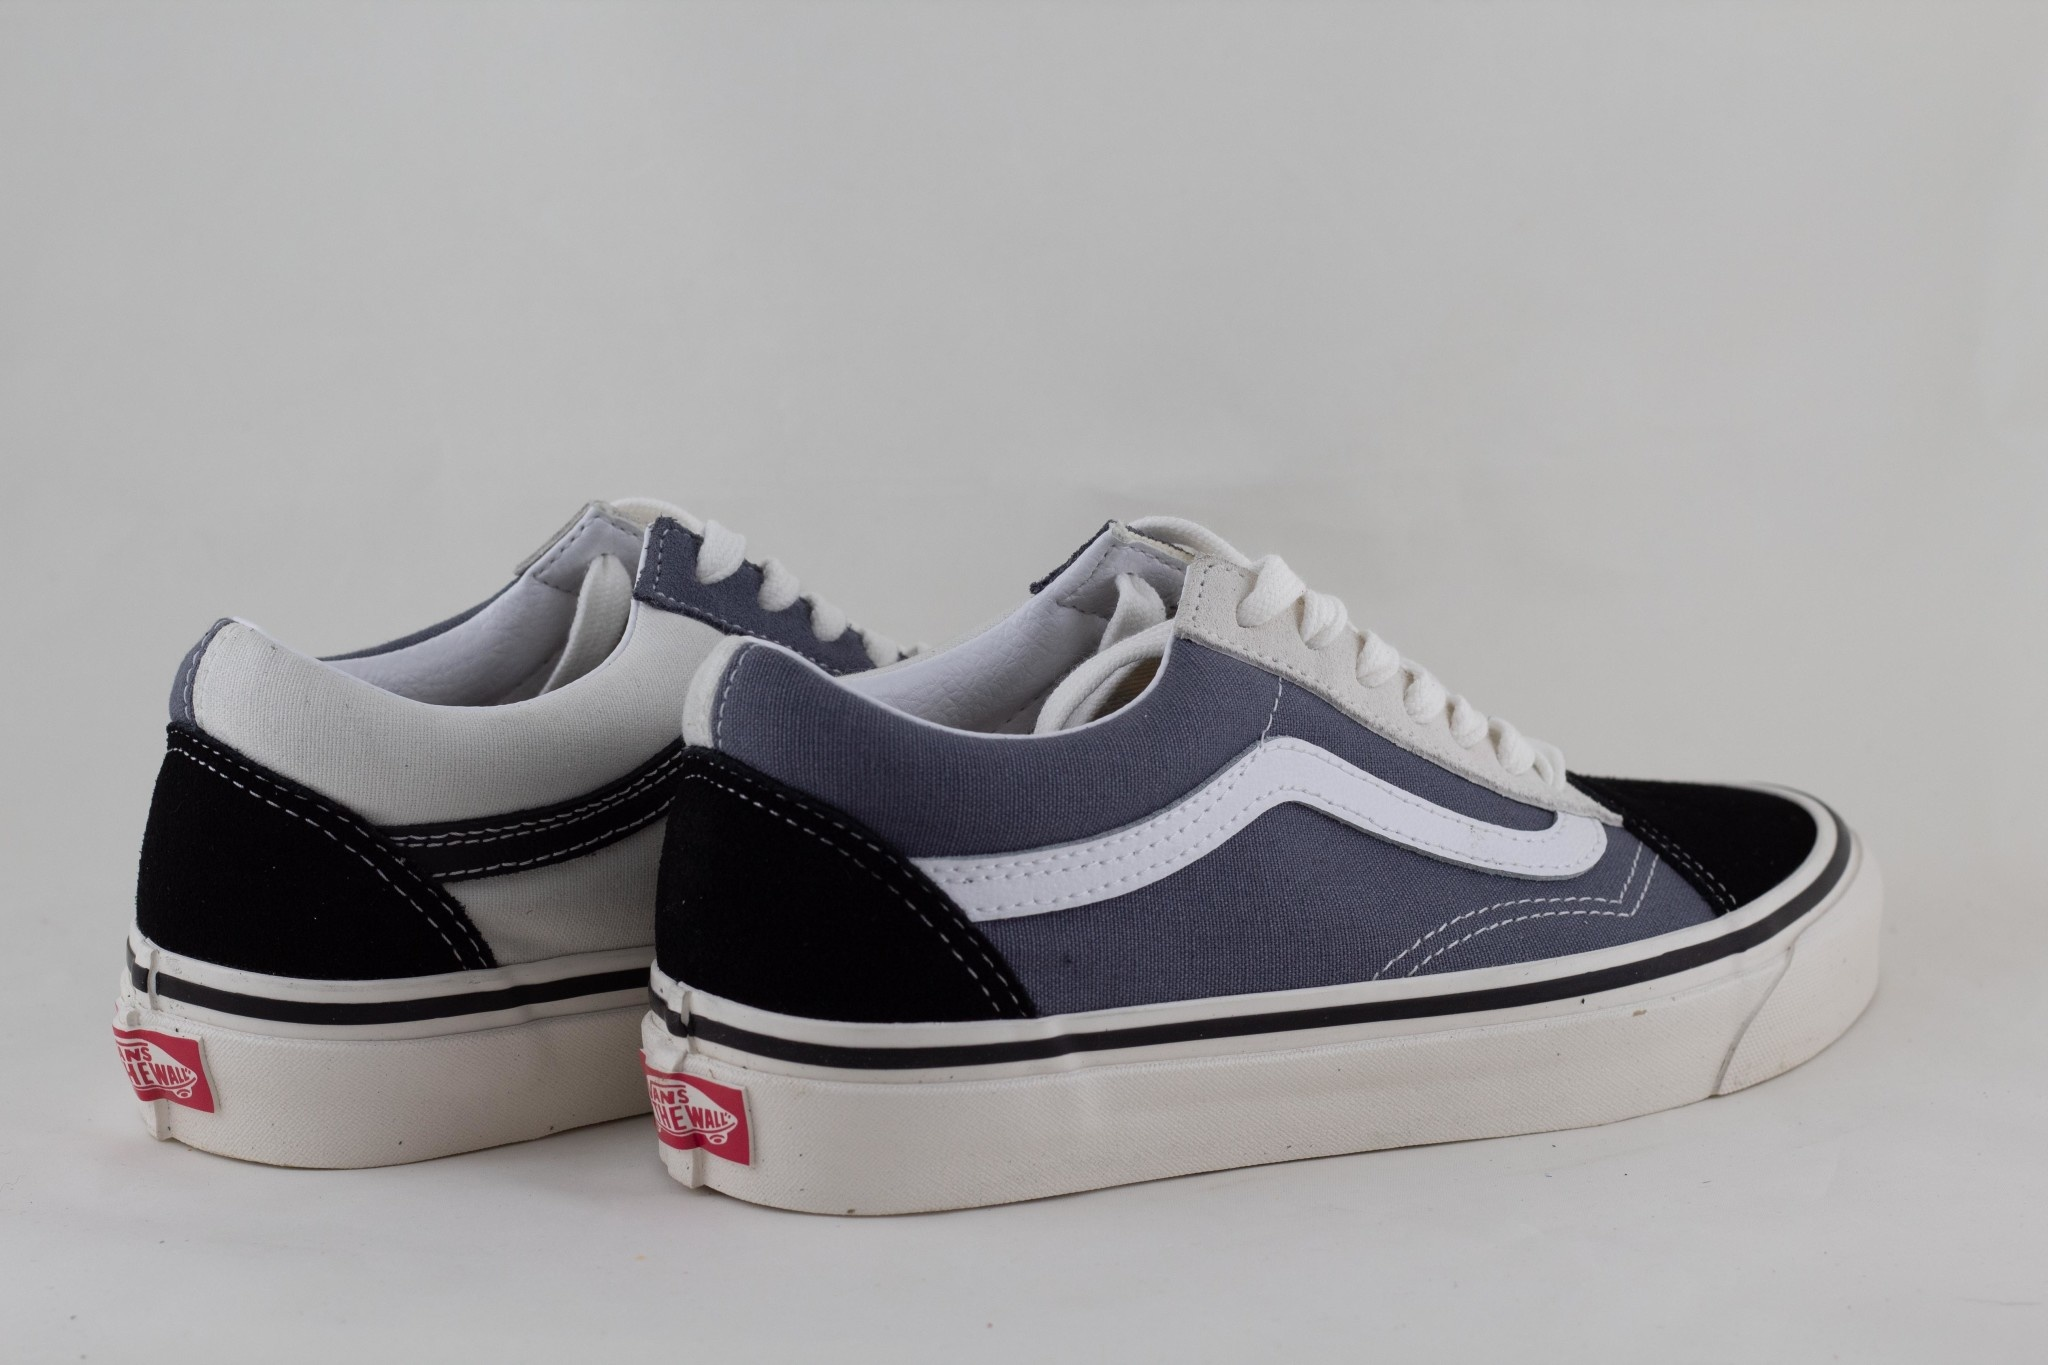 Vans OLD SKOOL 36 DX (Anaheim) Og Black/ Og Gray/ Og White